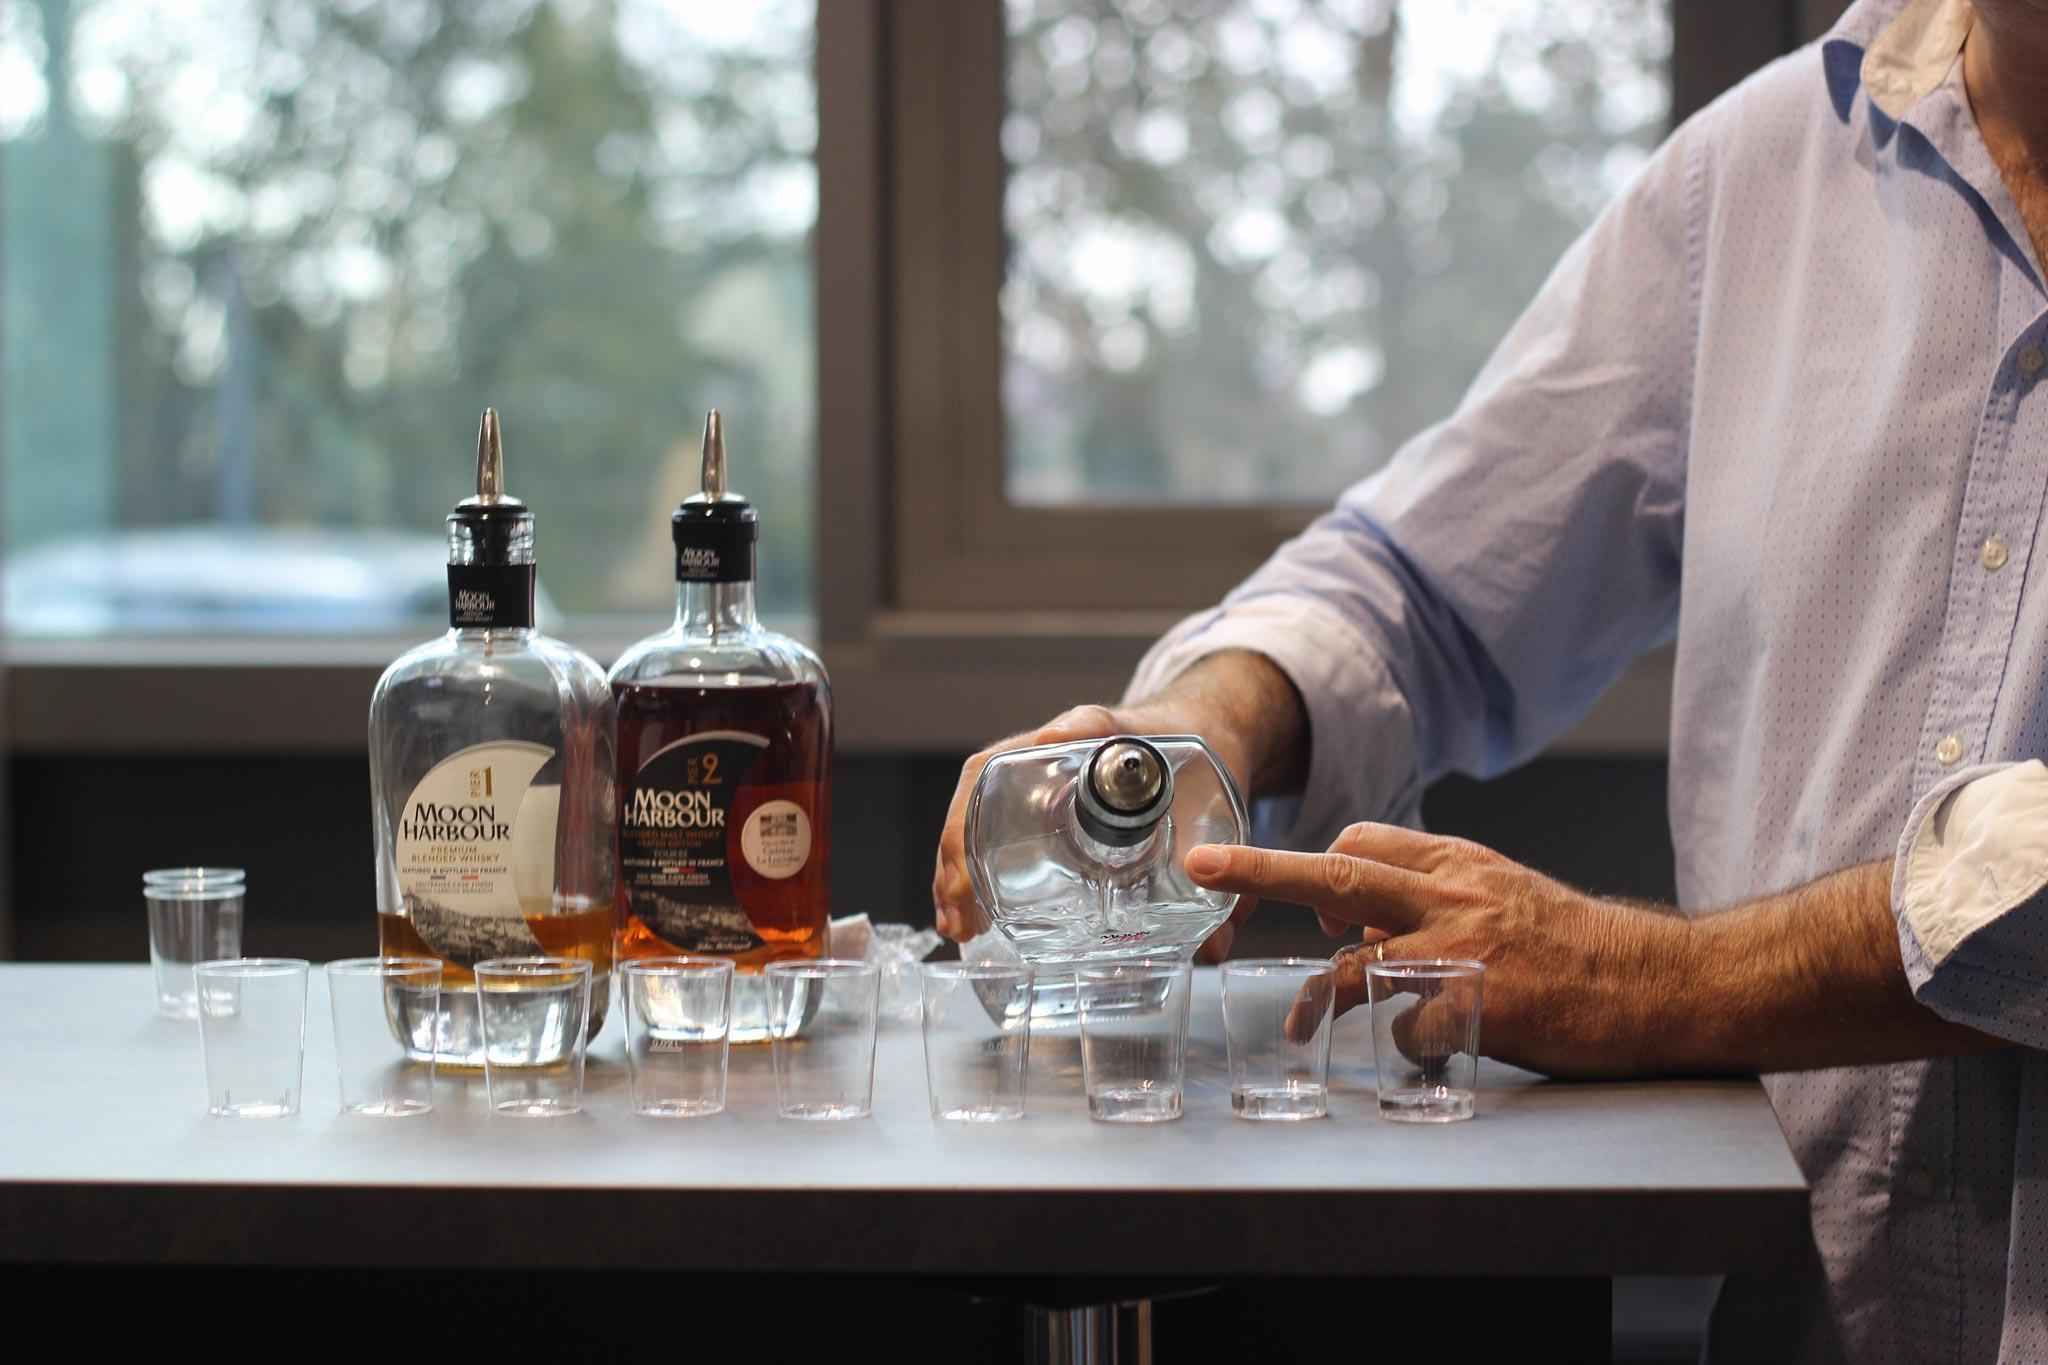 Visite de la distillerie de whisky bordelaise – Moon Harbour